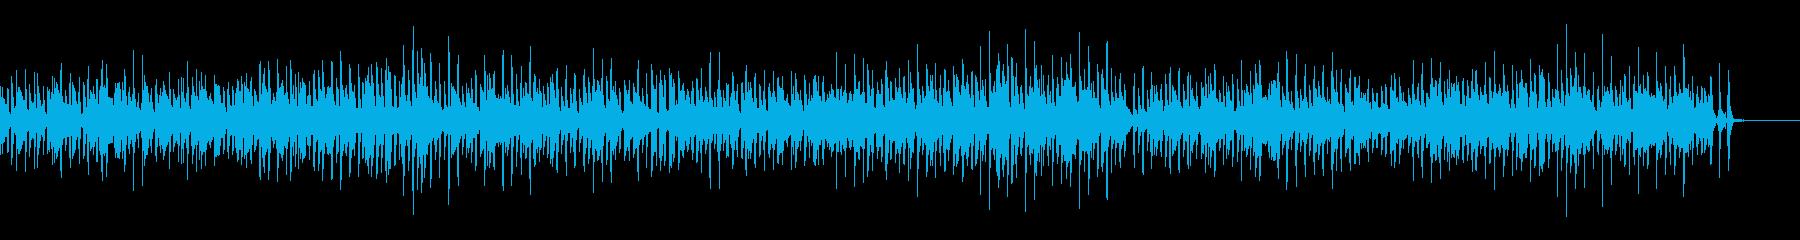 サルサ 楽しげ ハイテク 感情的 ...の再生済みの波形